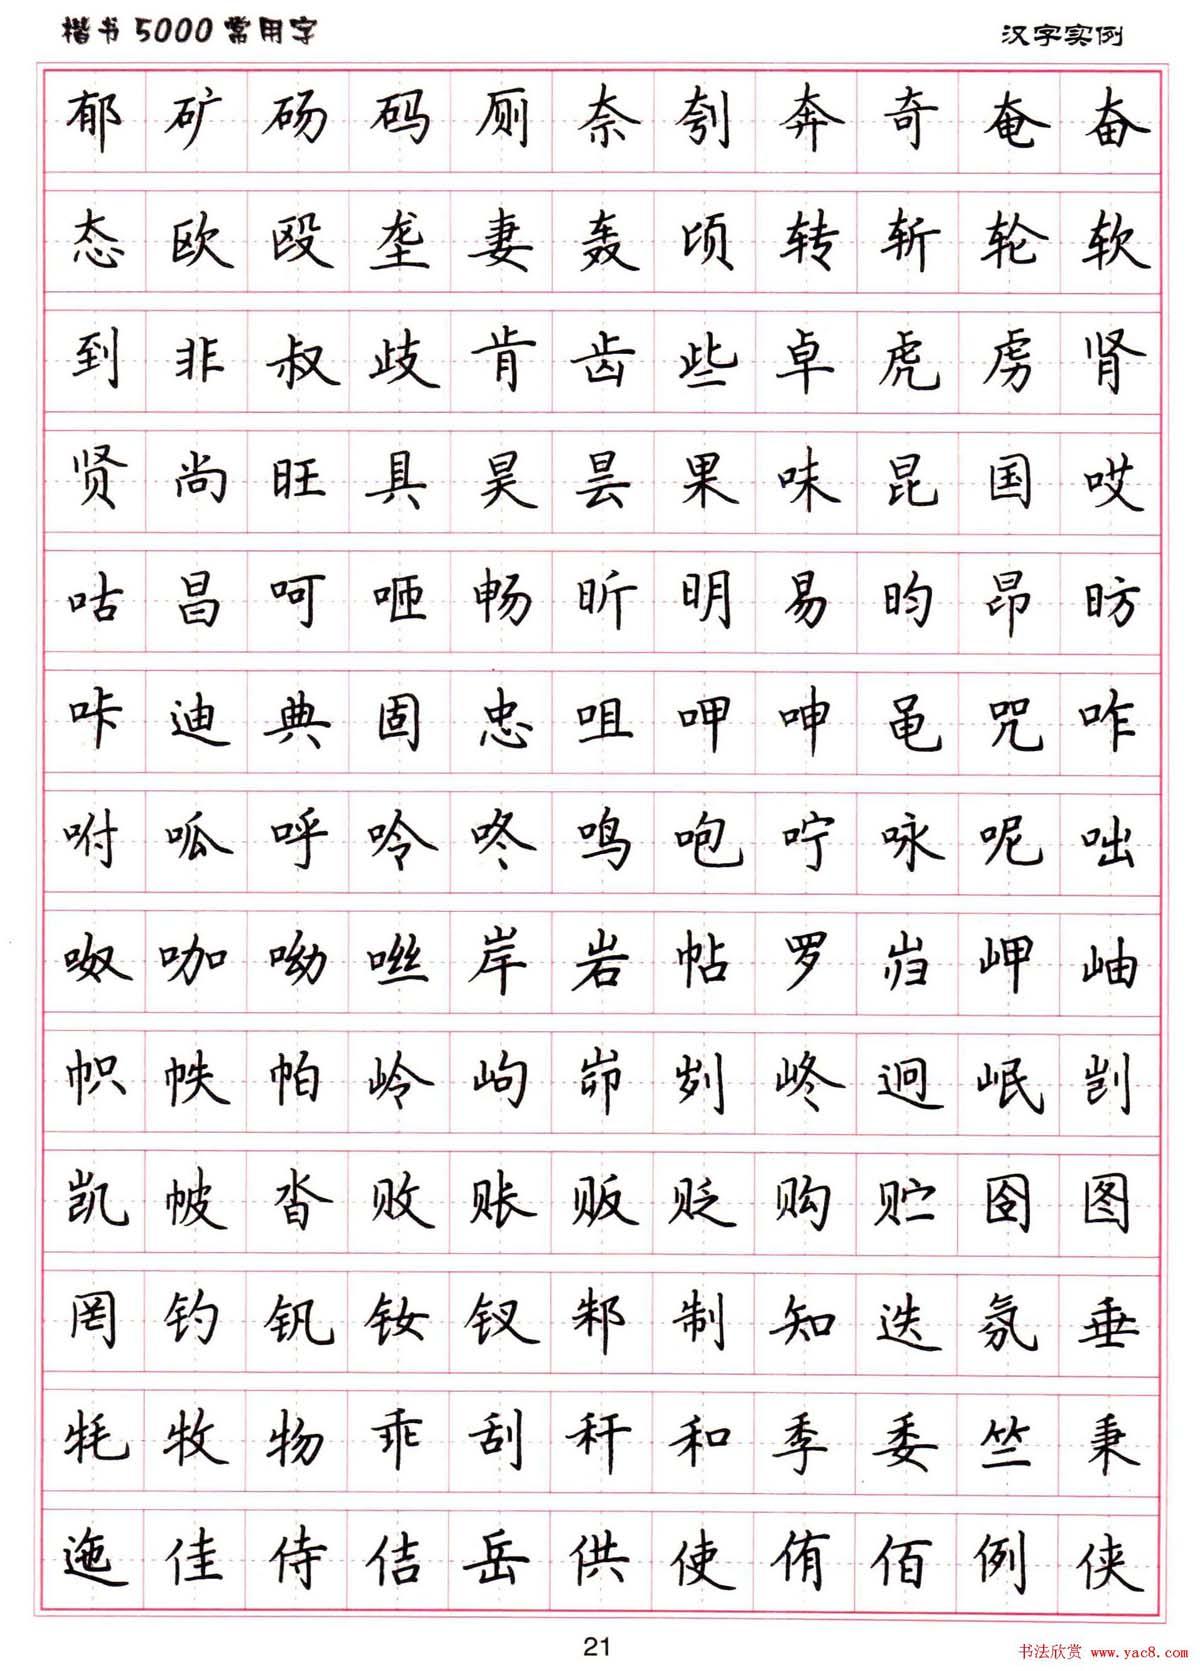 硬笔书法字帖下载 楷书5000常用字 第22页 钢笔字帖 书法欣赏